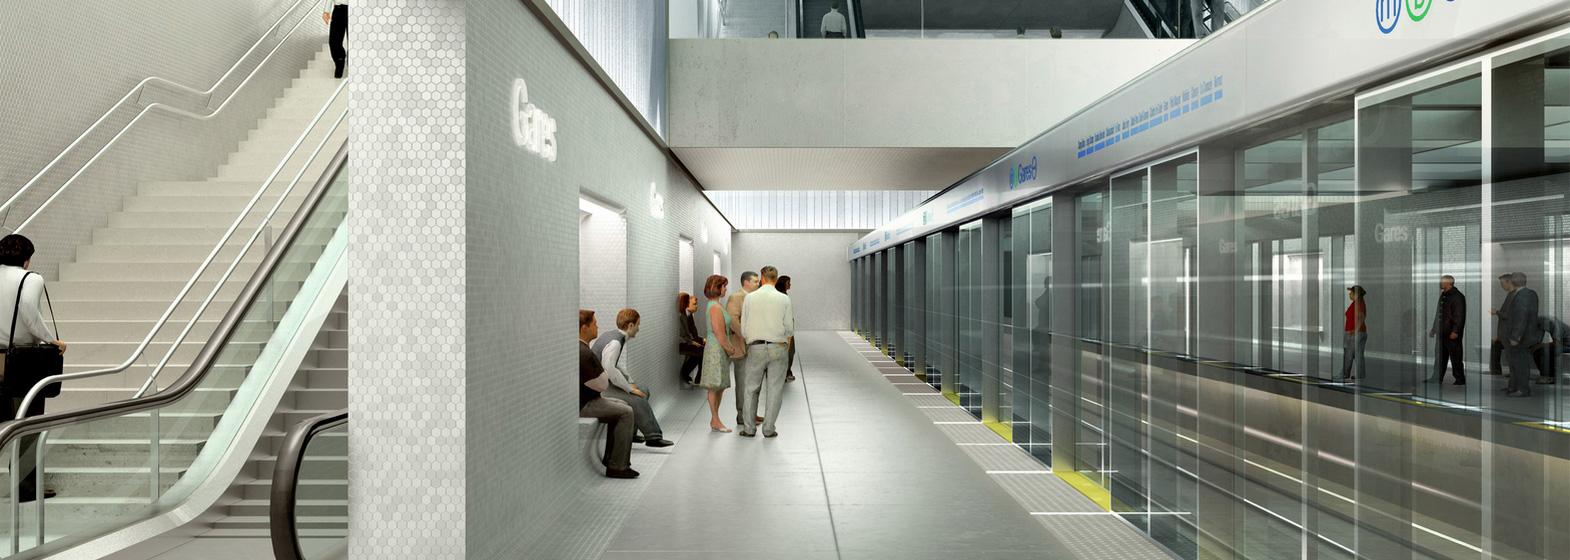 2-Station-Gares---Vue-depuis-les-quais---ZNDEL-et-CRISTEA-ARCHITRAM---Image-non-contractuelle.jpg